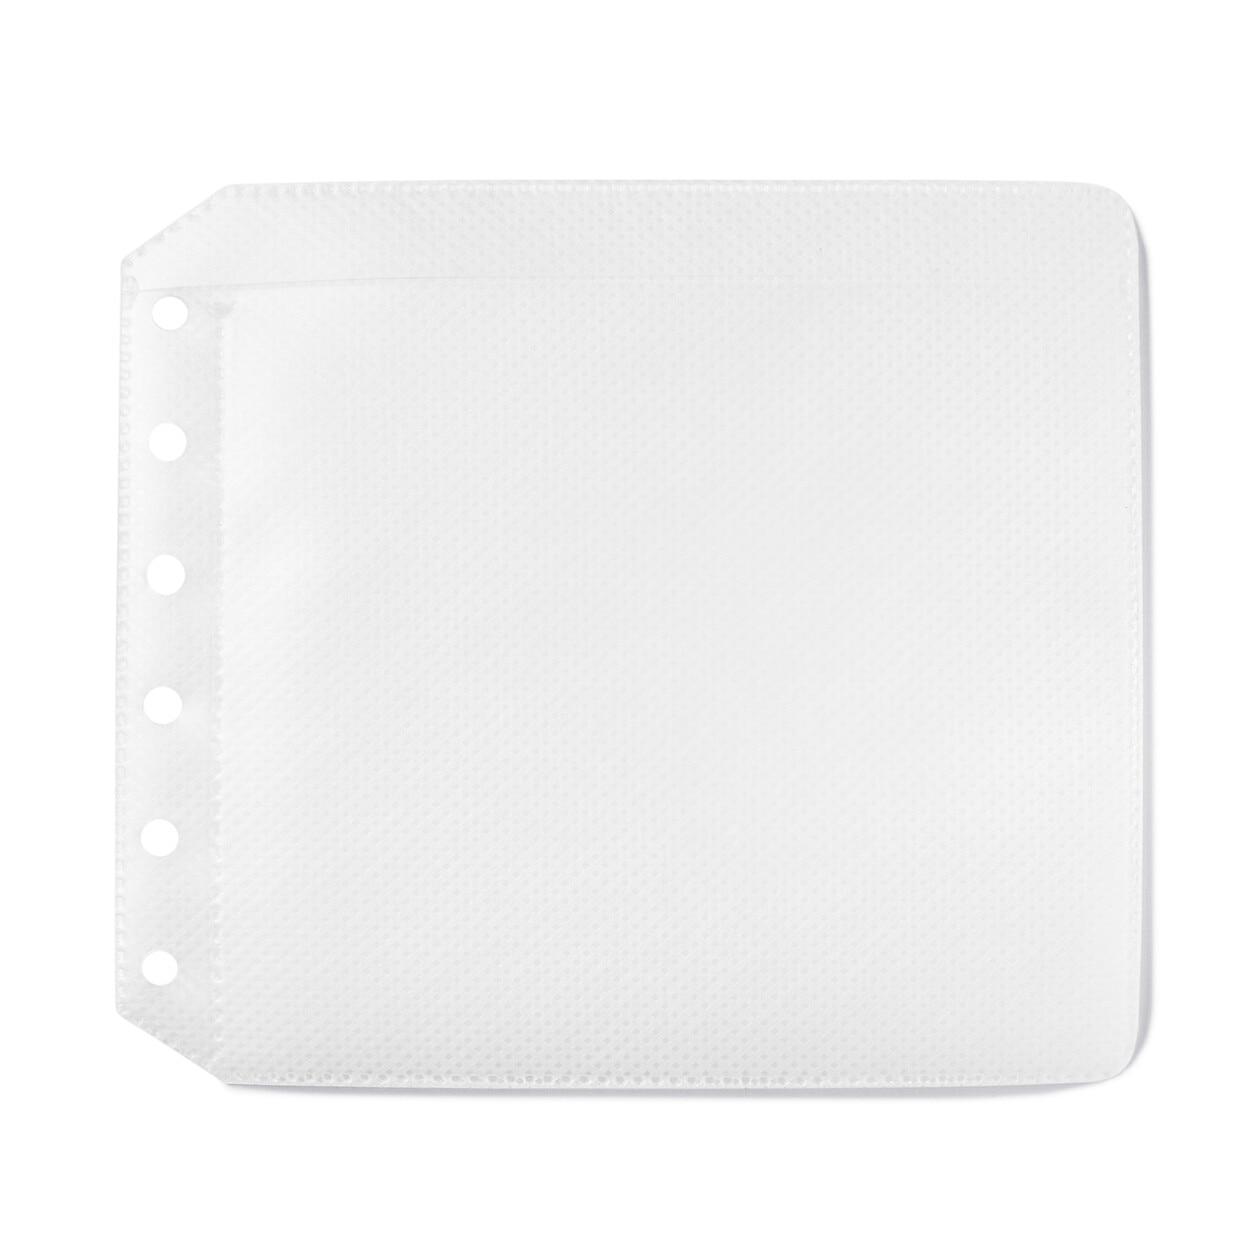 リフィールCD・DVDホルダー用